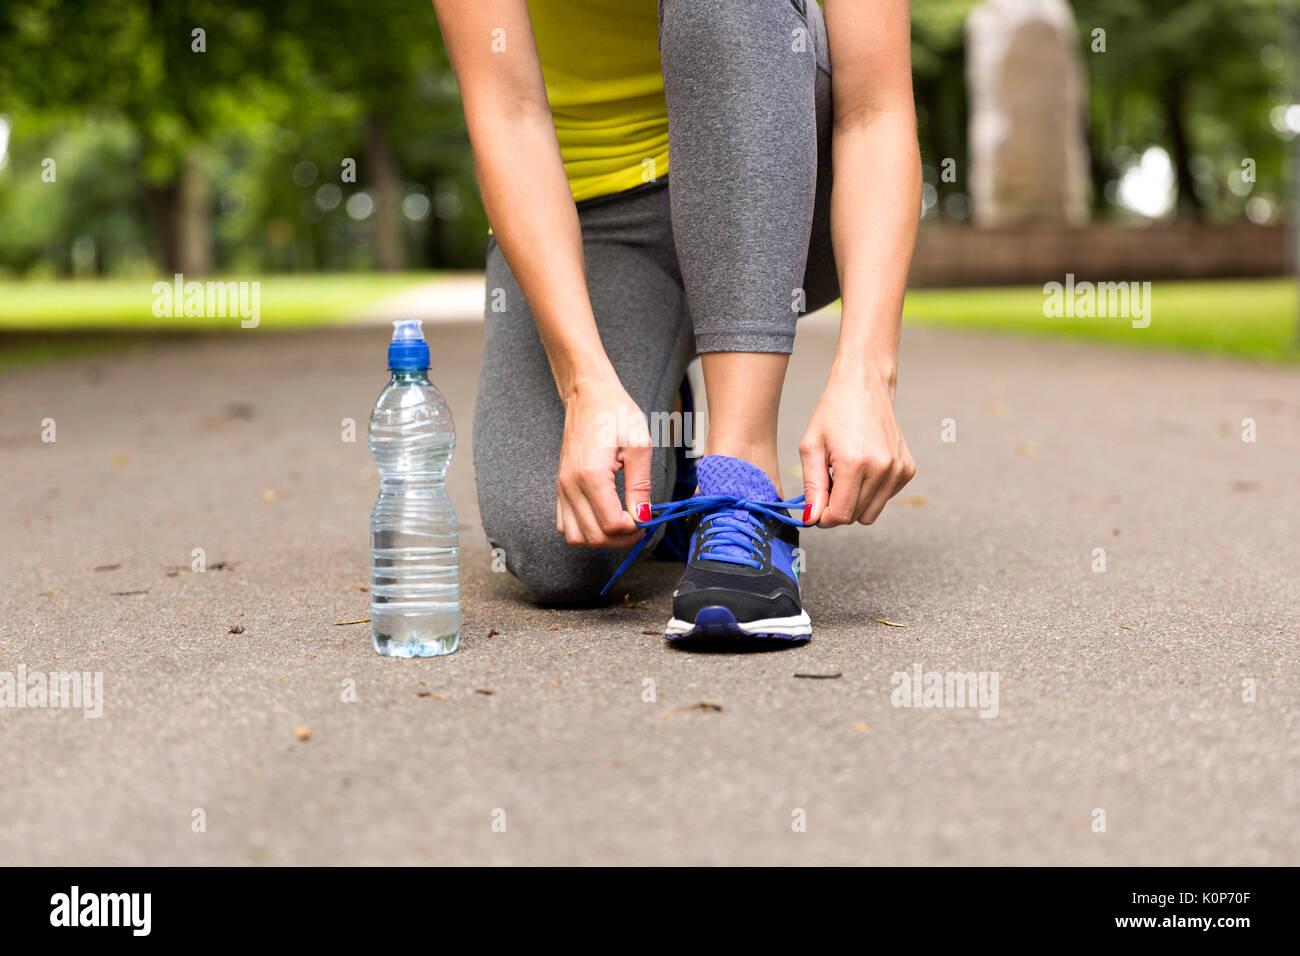 Mujer joven atar los cordones de los zapatos para correr antes de la capacitación. Concepto de estilo de vida saludable Imagen De Stock